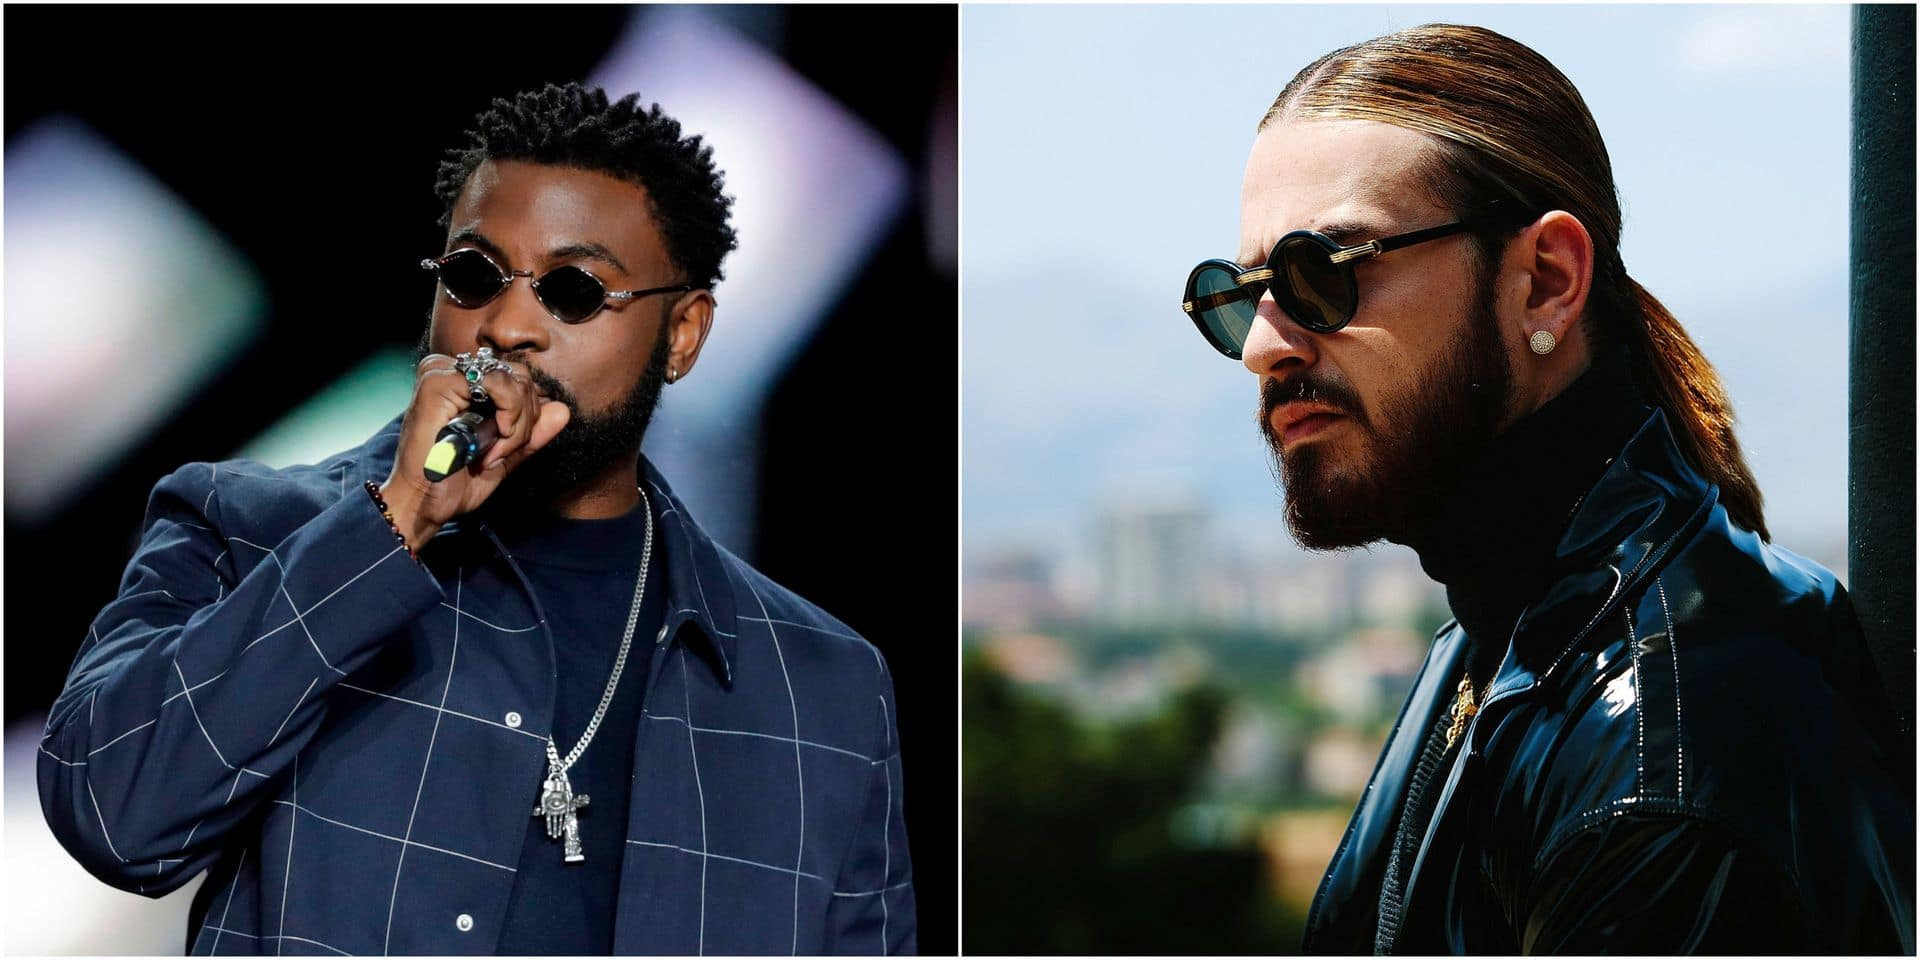 """SCH déplore l'affaire de l'hymne des Diables rouges de Damso: """"Le rap n'est pas une musique de voyous"""""""